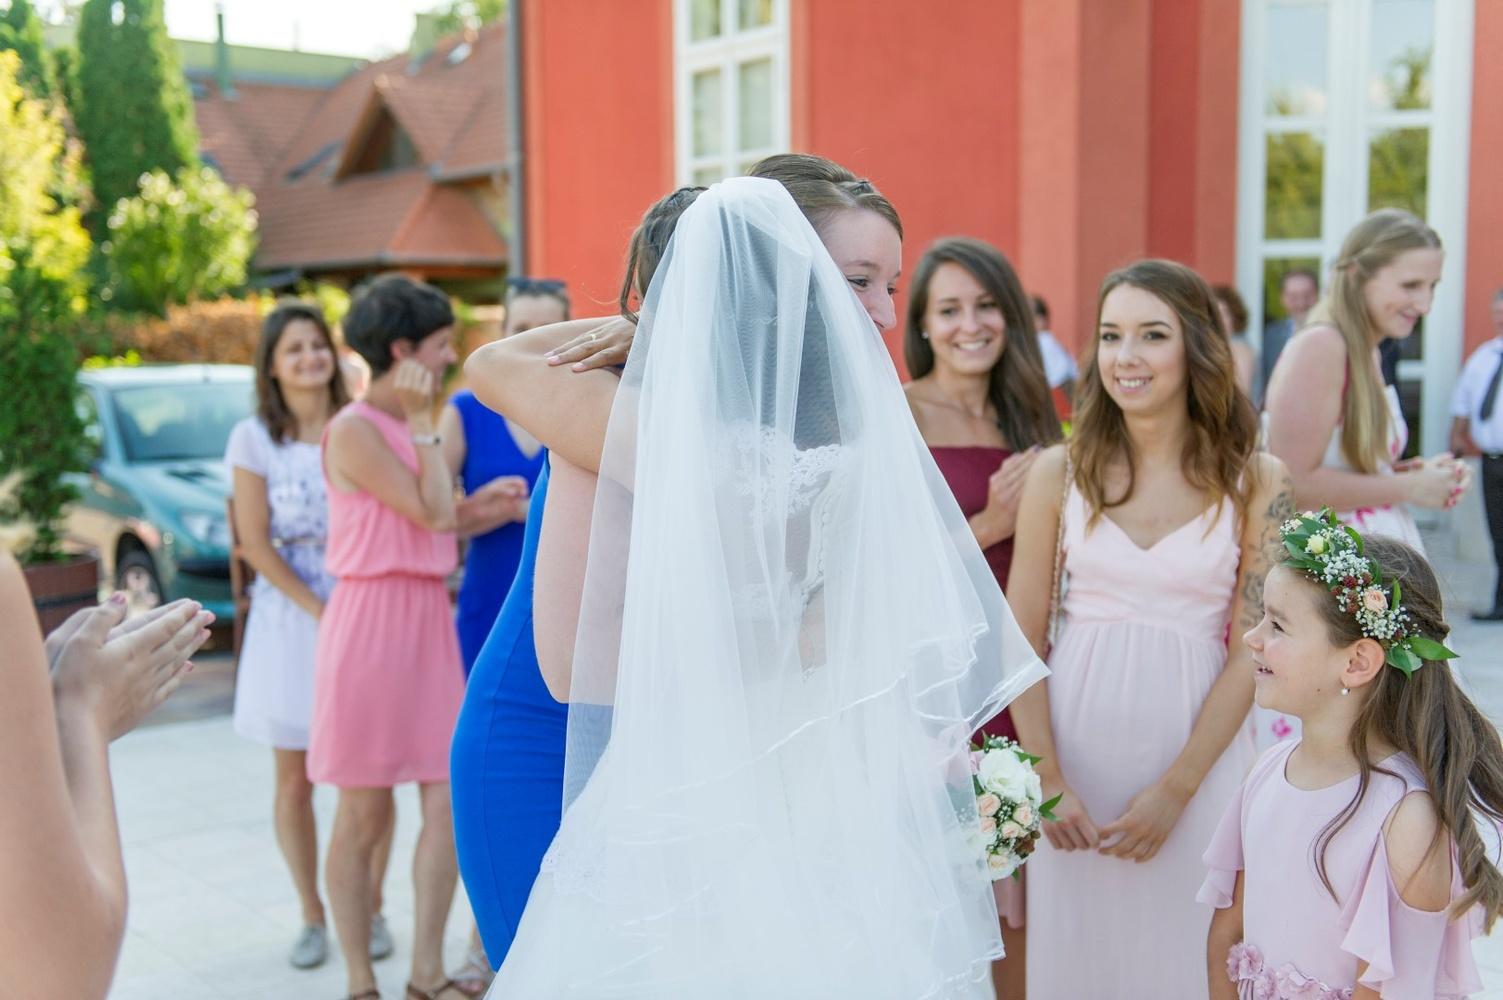 http://www.fotoz.sk/images/gallery-5/normal/eskuvo_rengo-bisztro_159.jpg